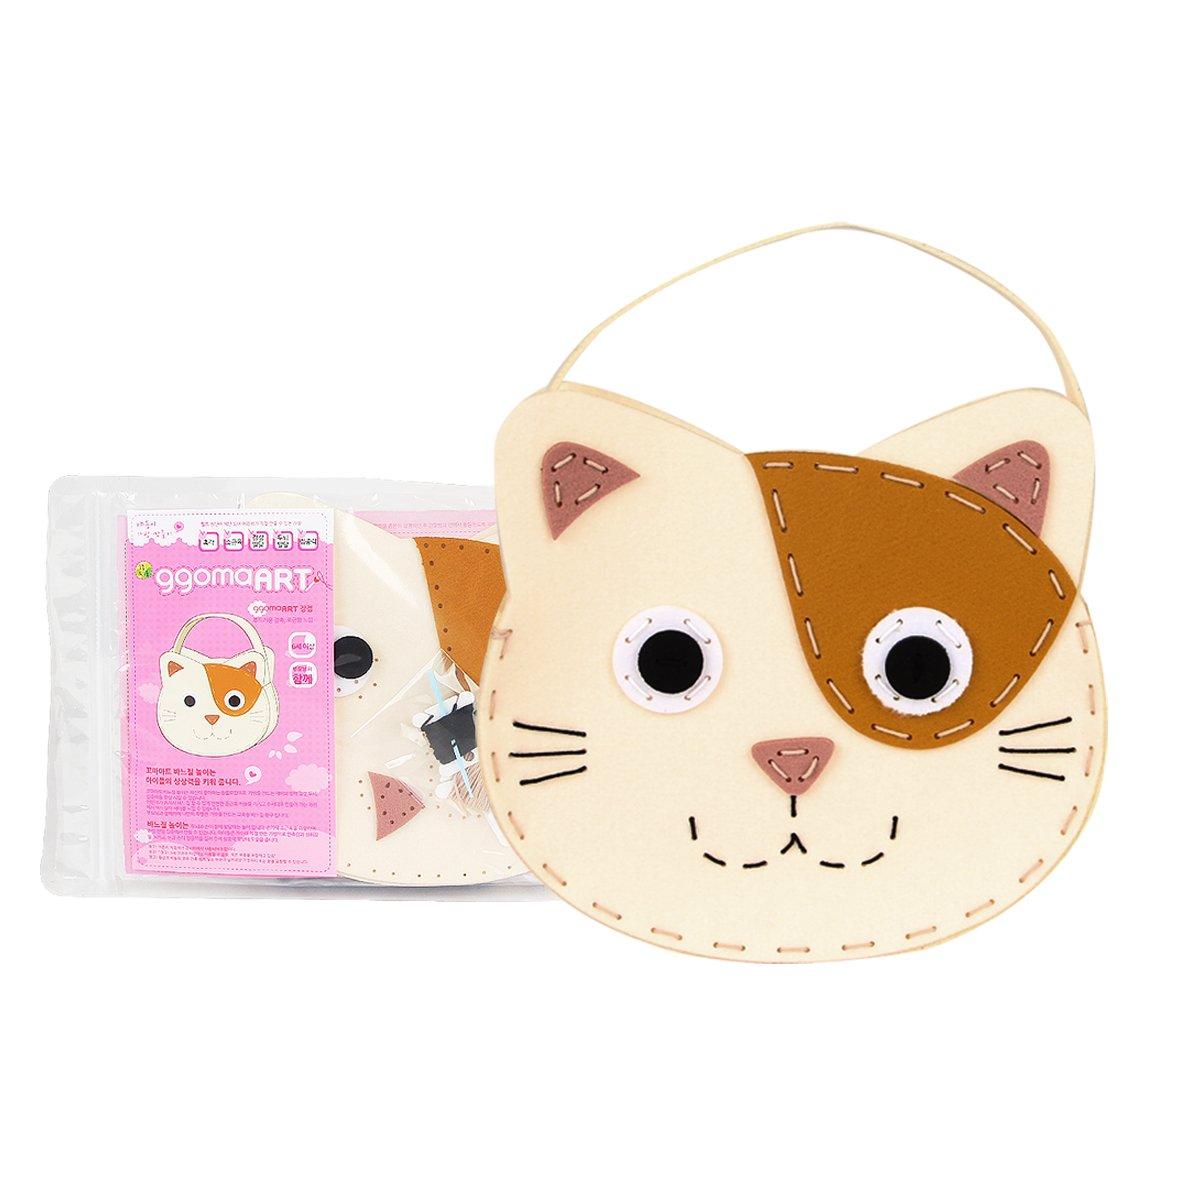 ggomaART DIY Sewing Kit for Kids By Do it Yourself Sewing Play for Kids Art Craft Sewing Craft kits for Kids Art Education for Little Kids - Kitten Handbag